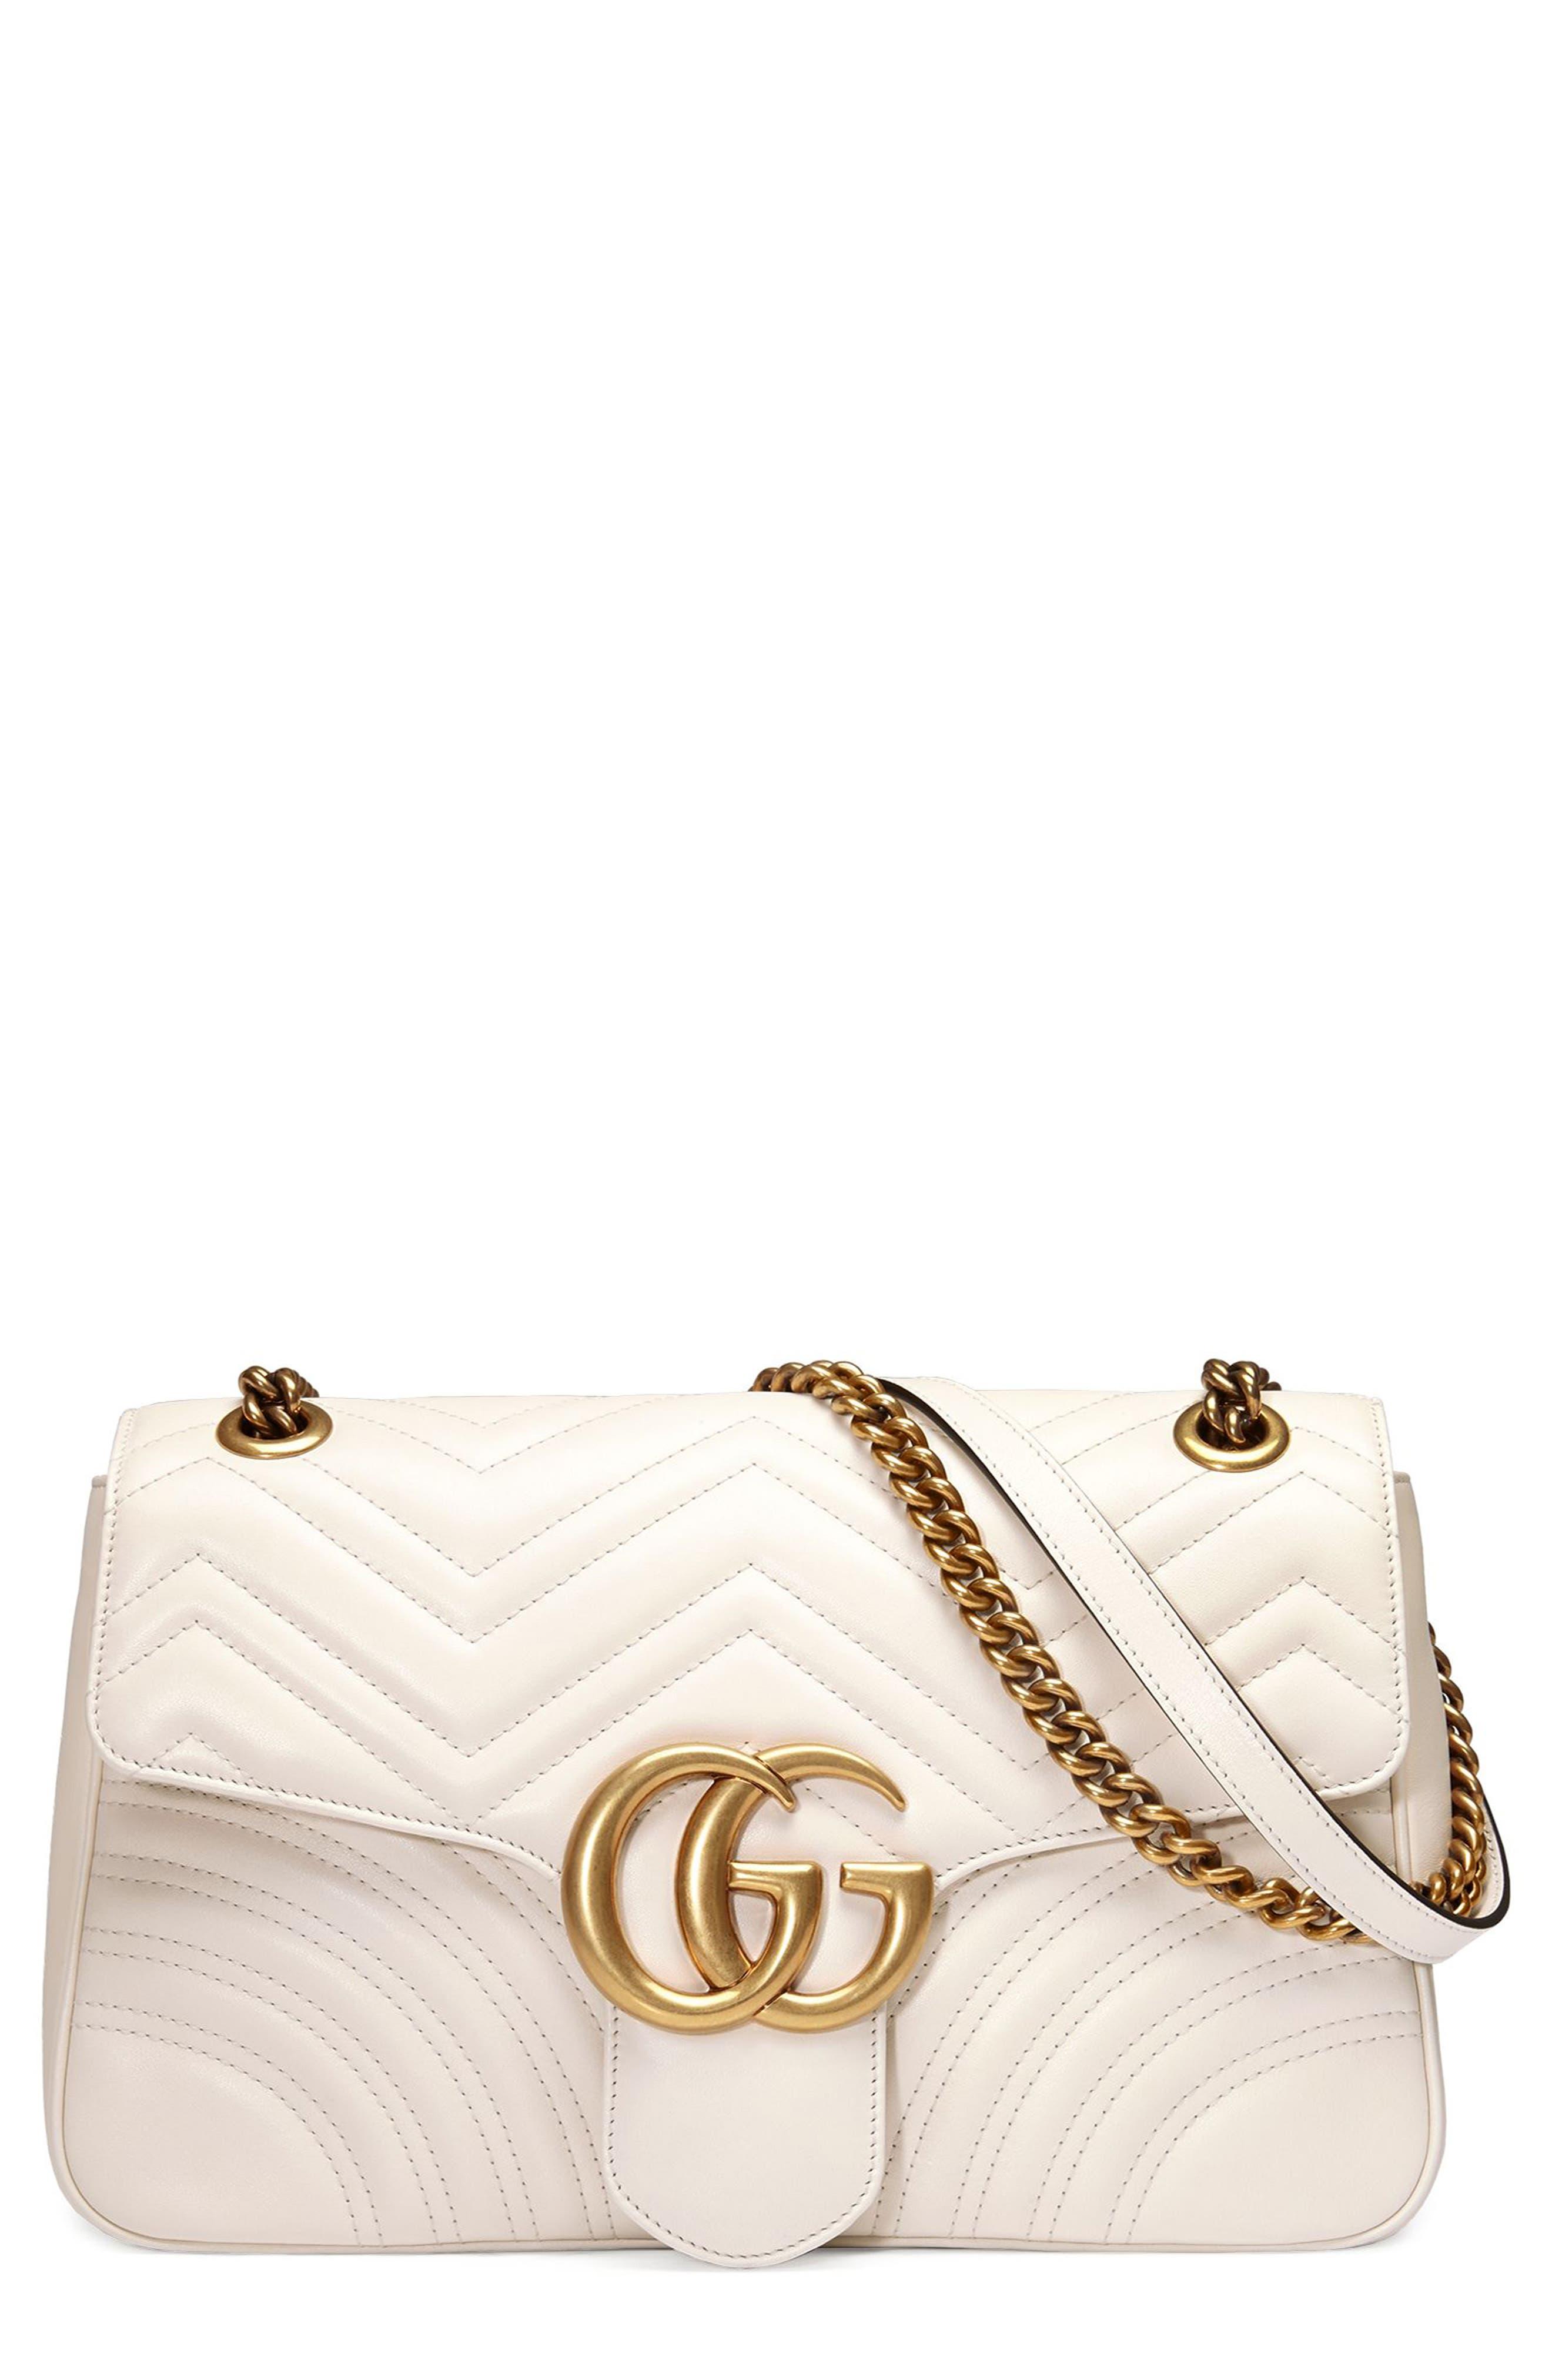 Main Image - Gucci Medium GG Marmont 2.0 Matelassé Leather Shoulder Bag